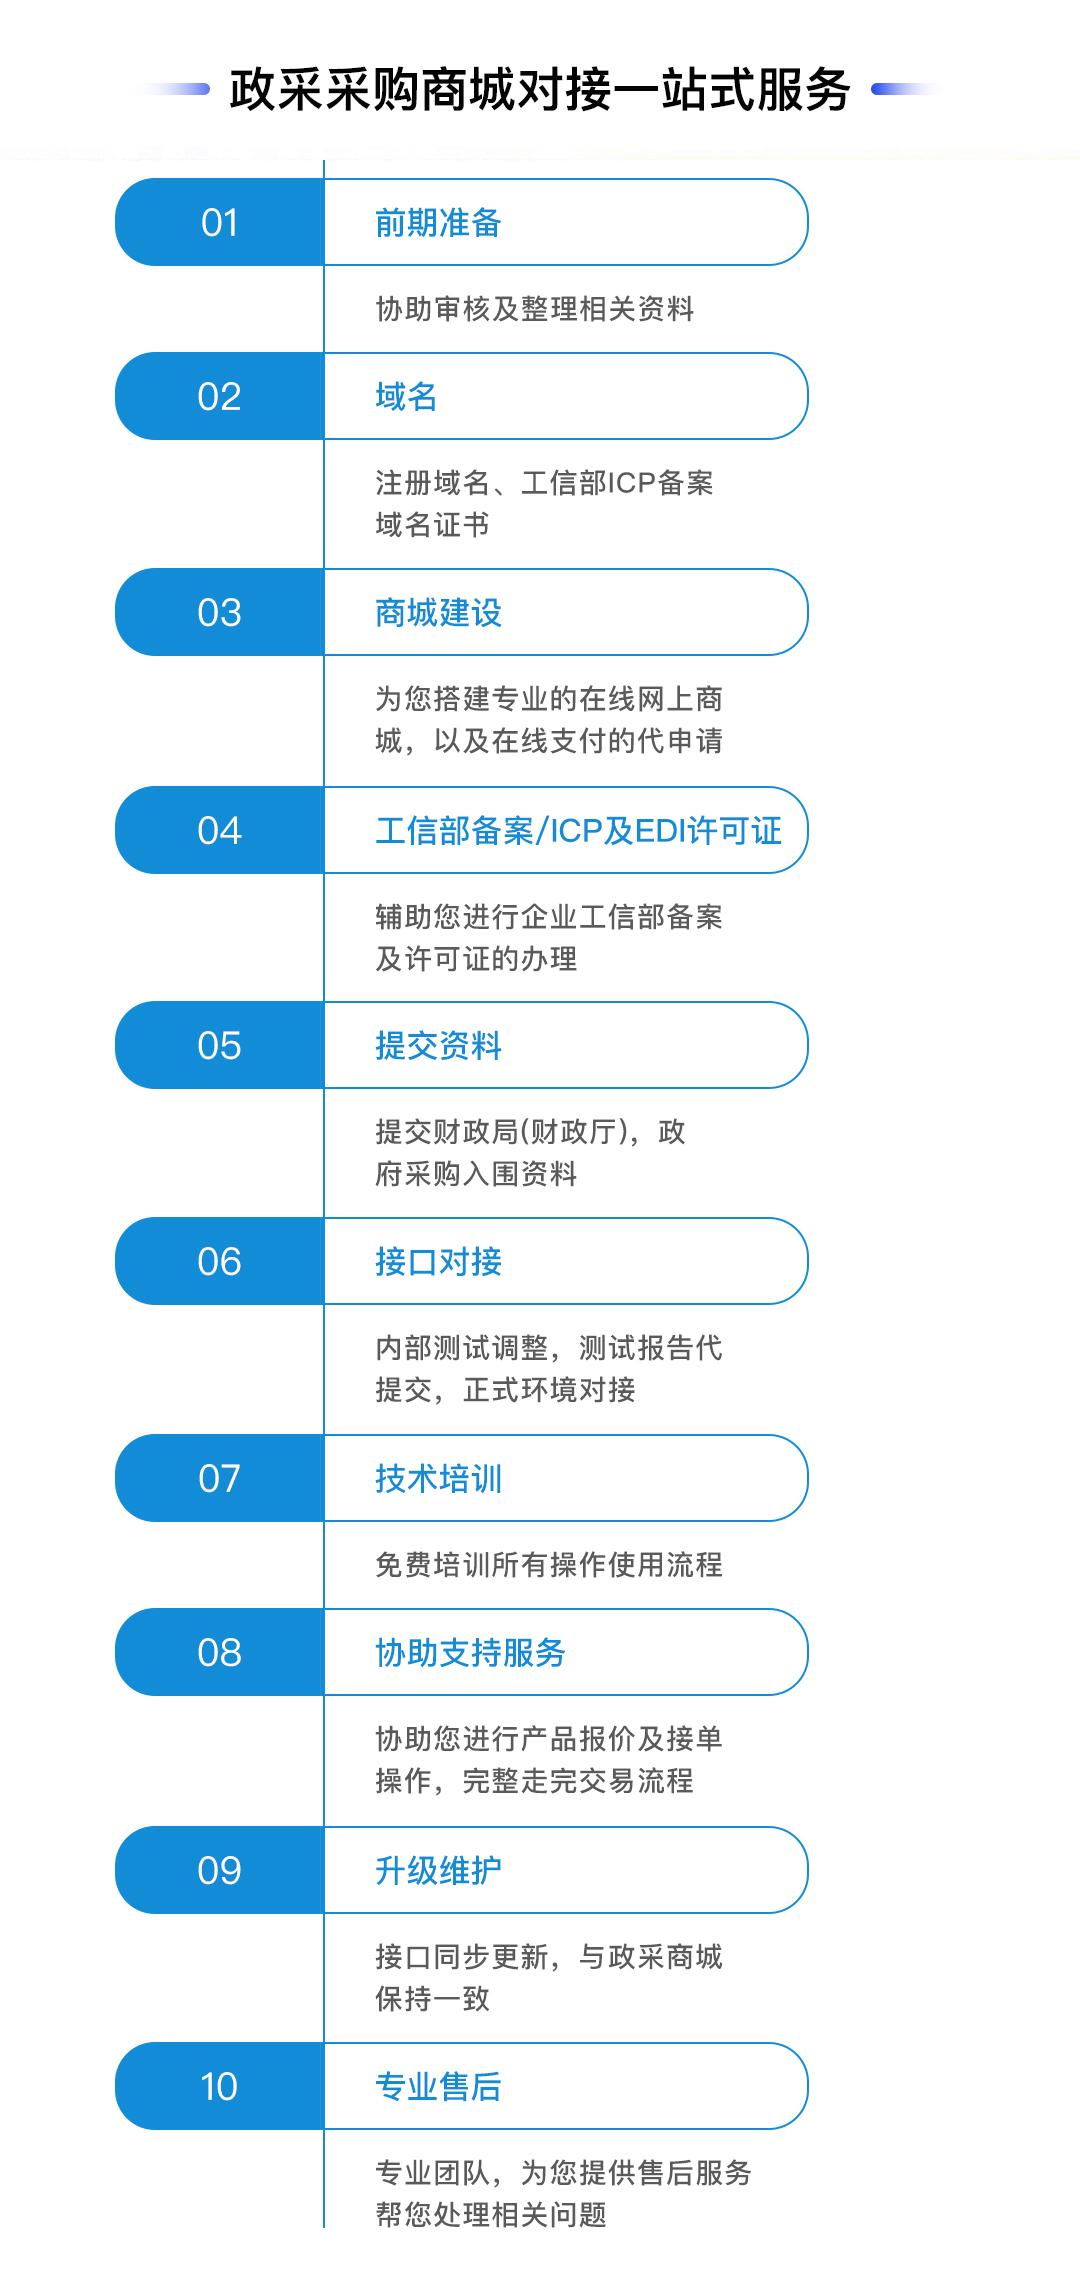 河北政采网商城入驻办理流程表